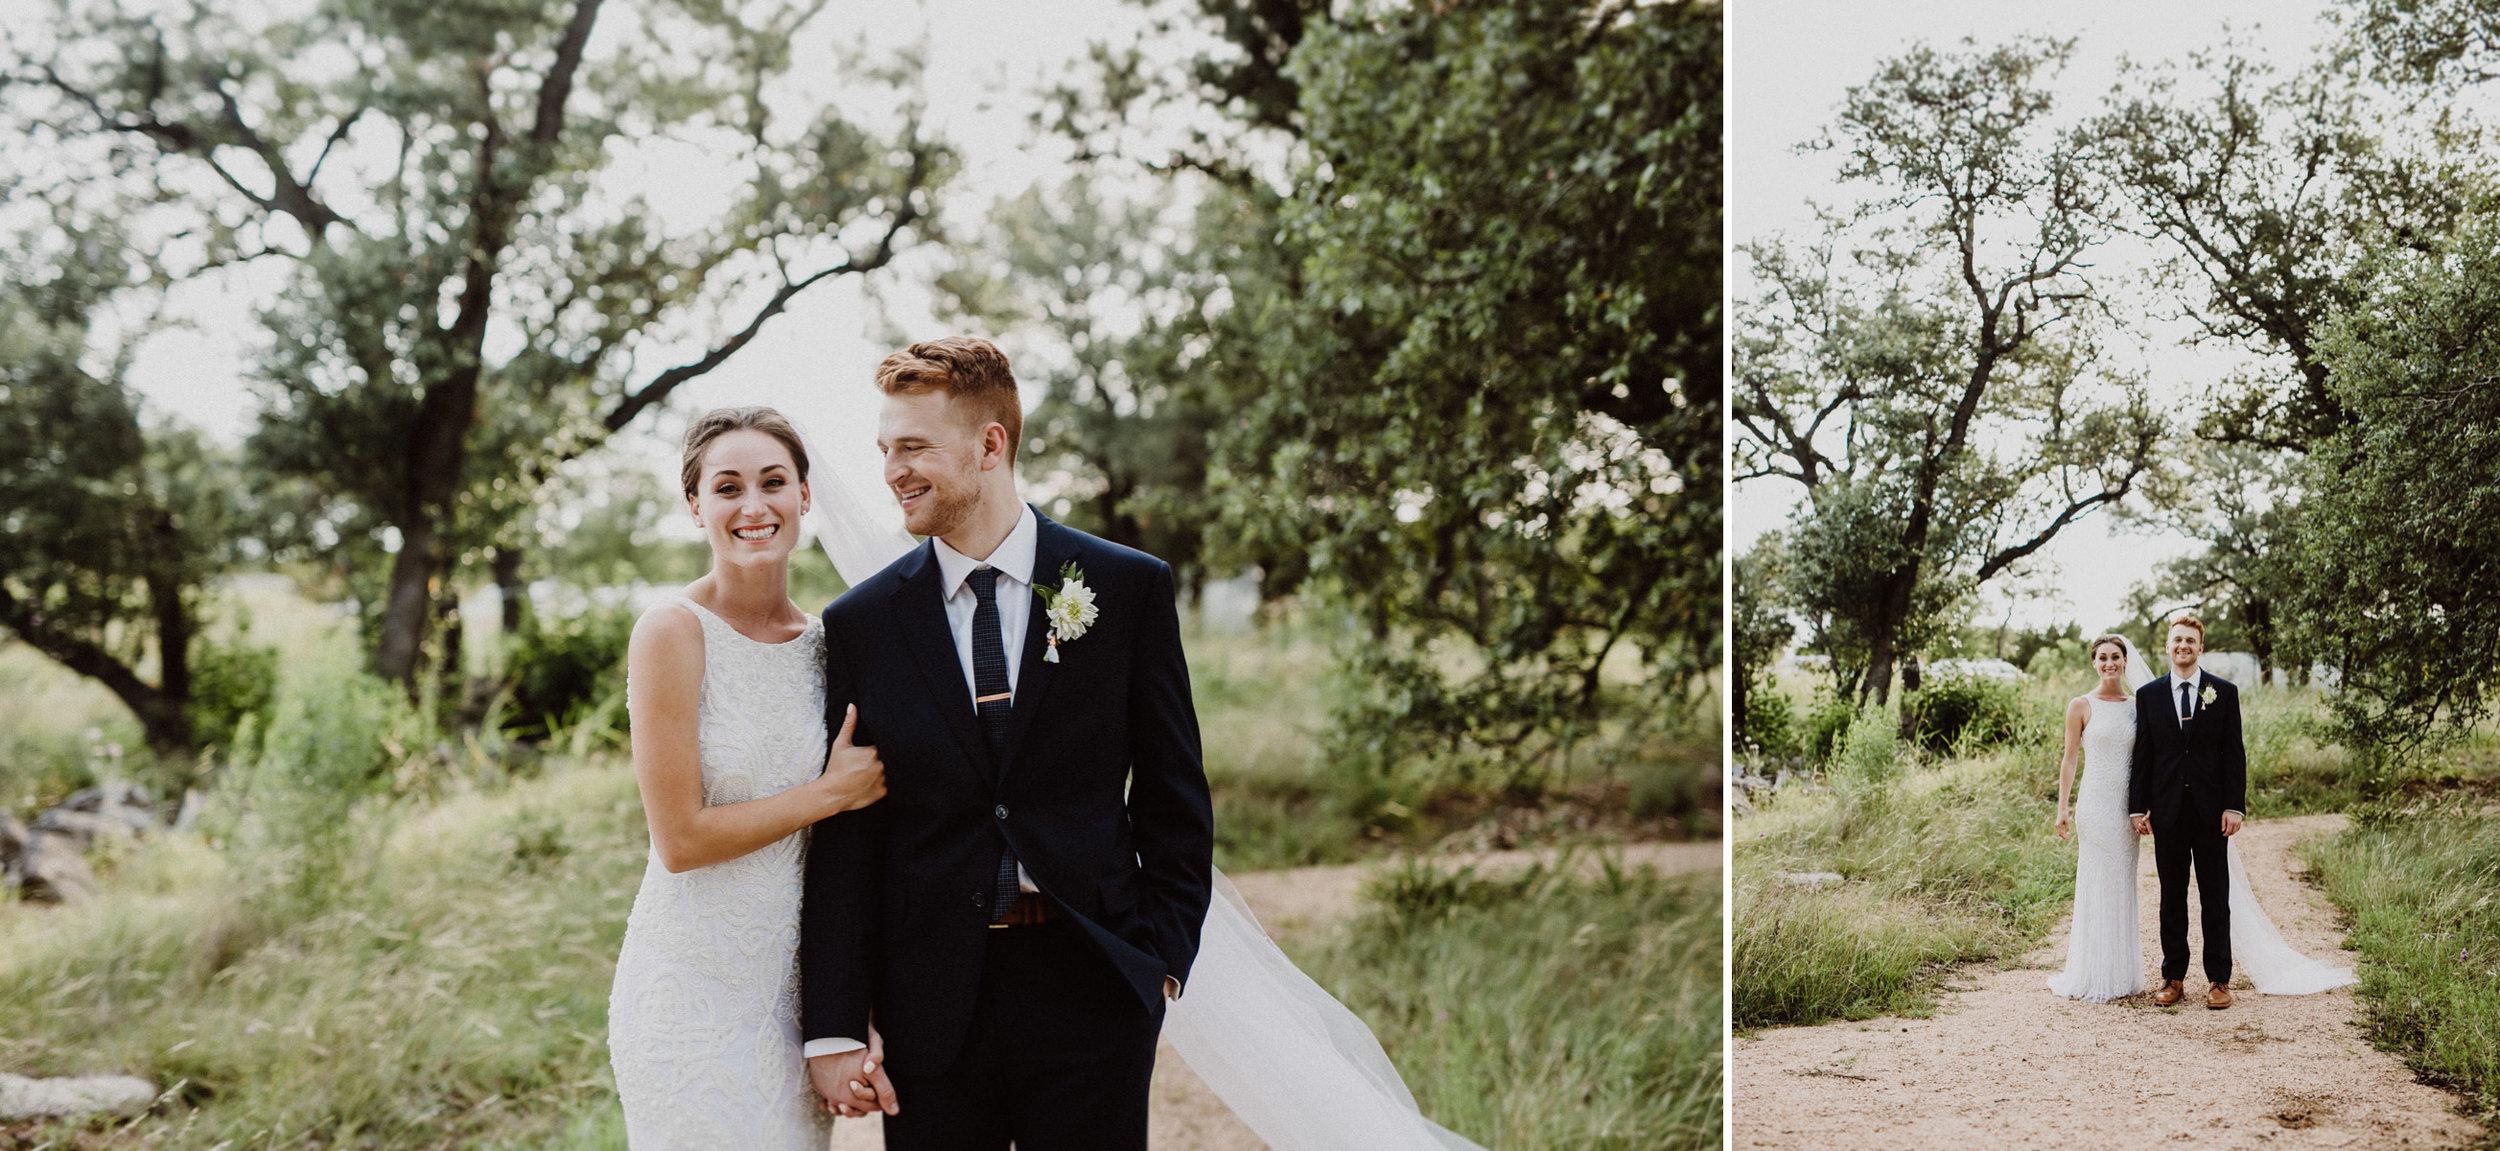 prospect-house-wedding-11jpg.jpg